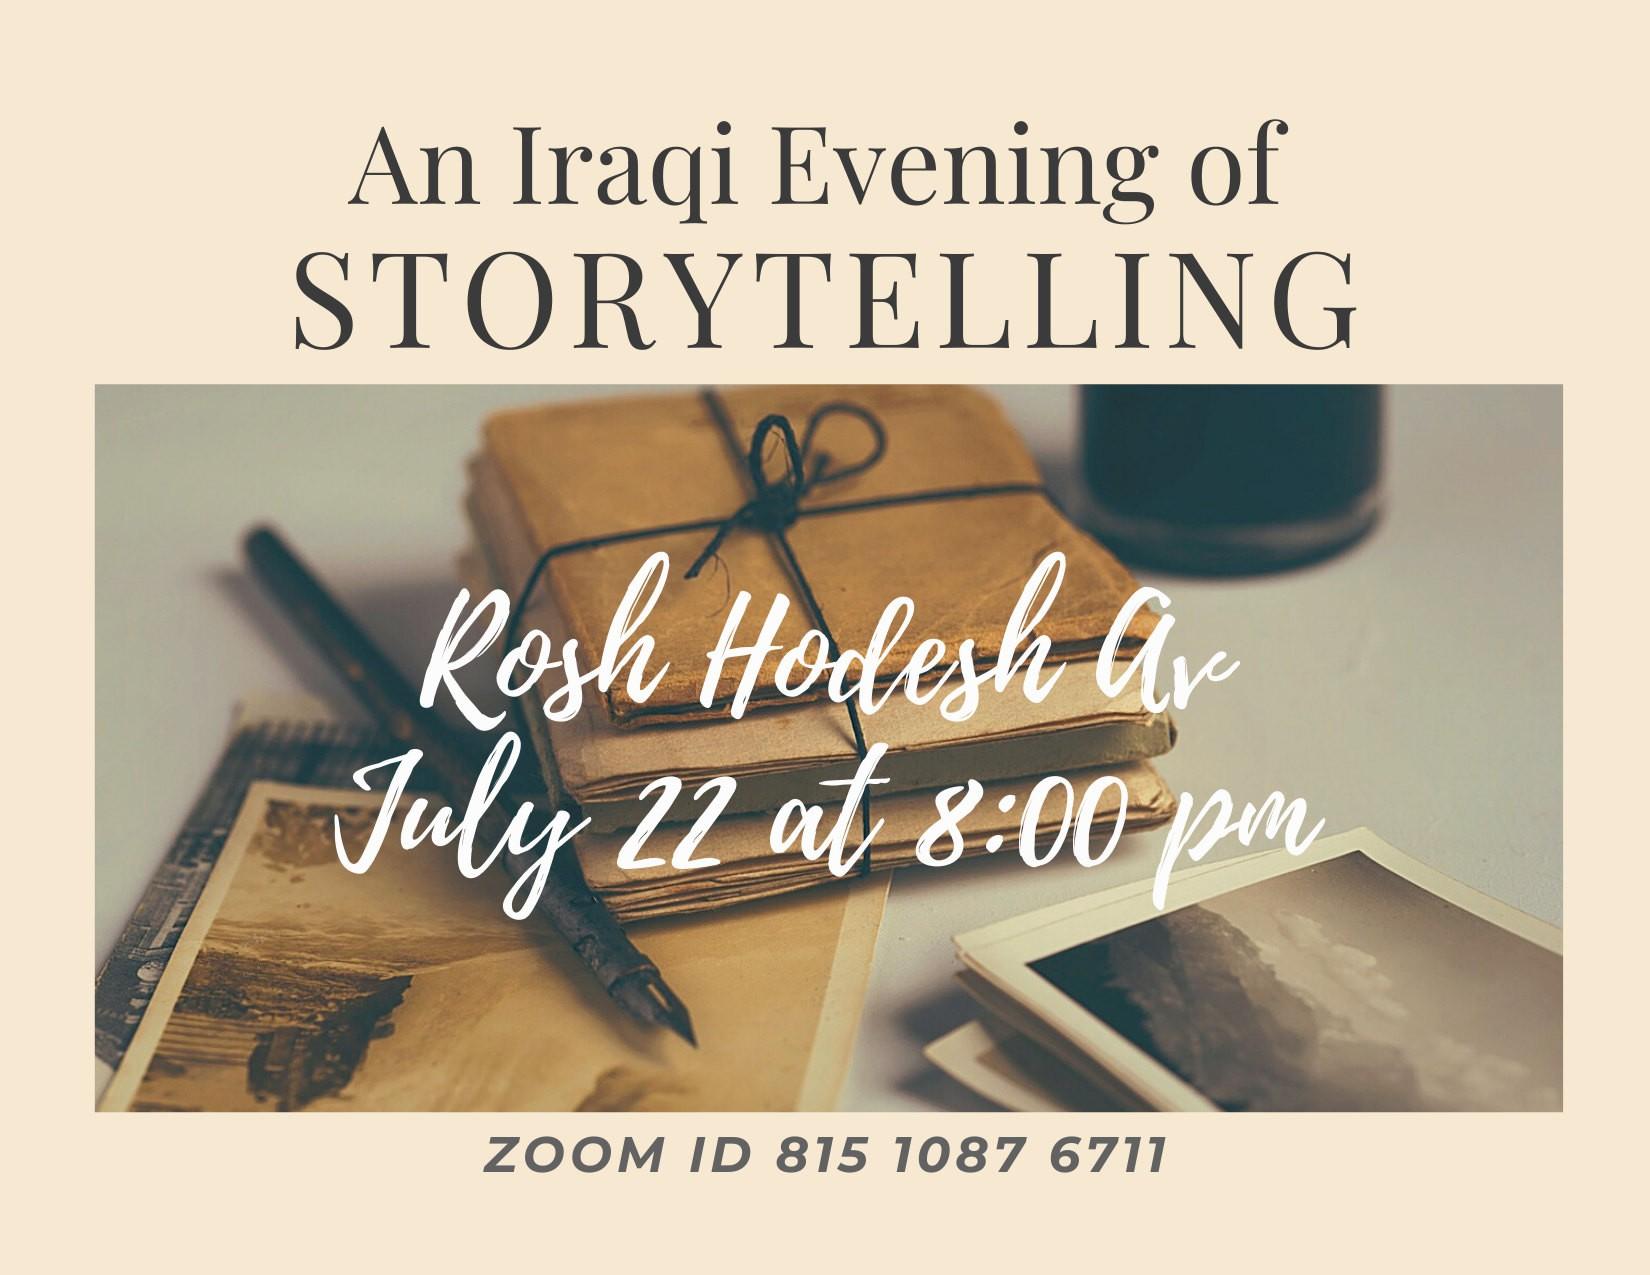 Iraqi Storytelling Evening